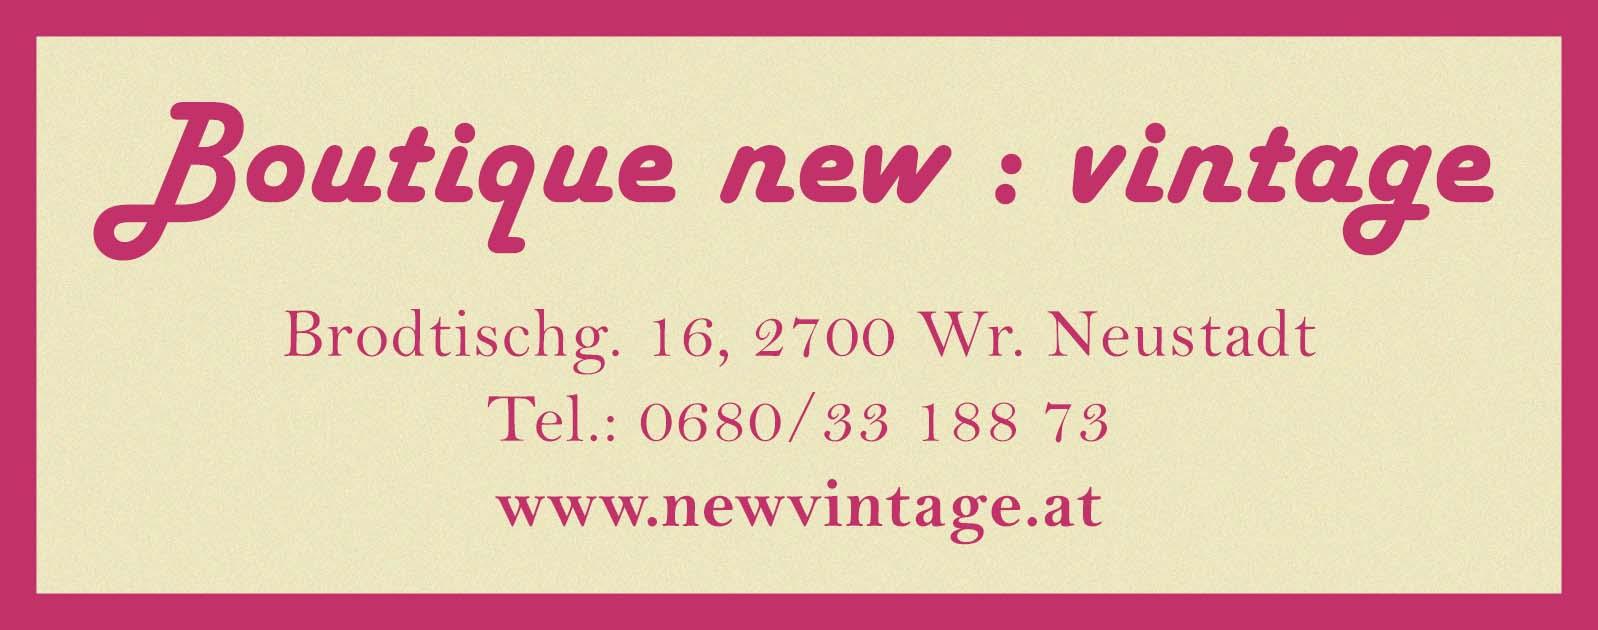 boutique-new-vintage